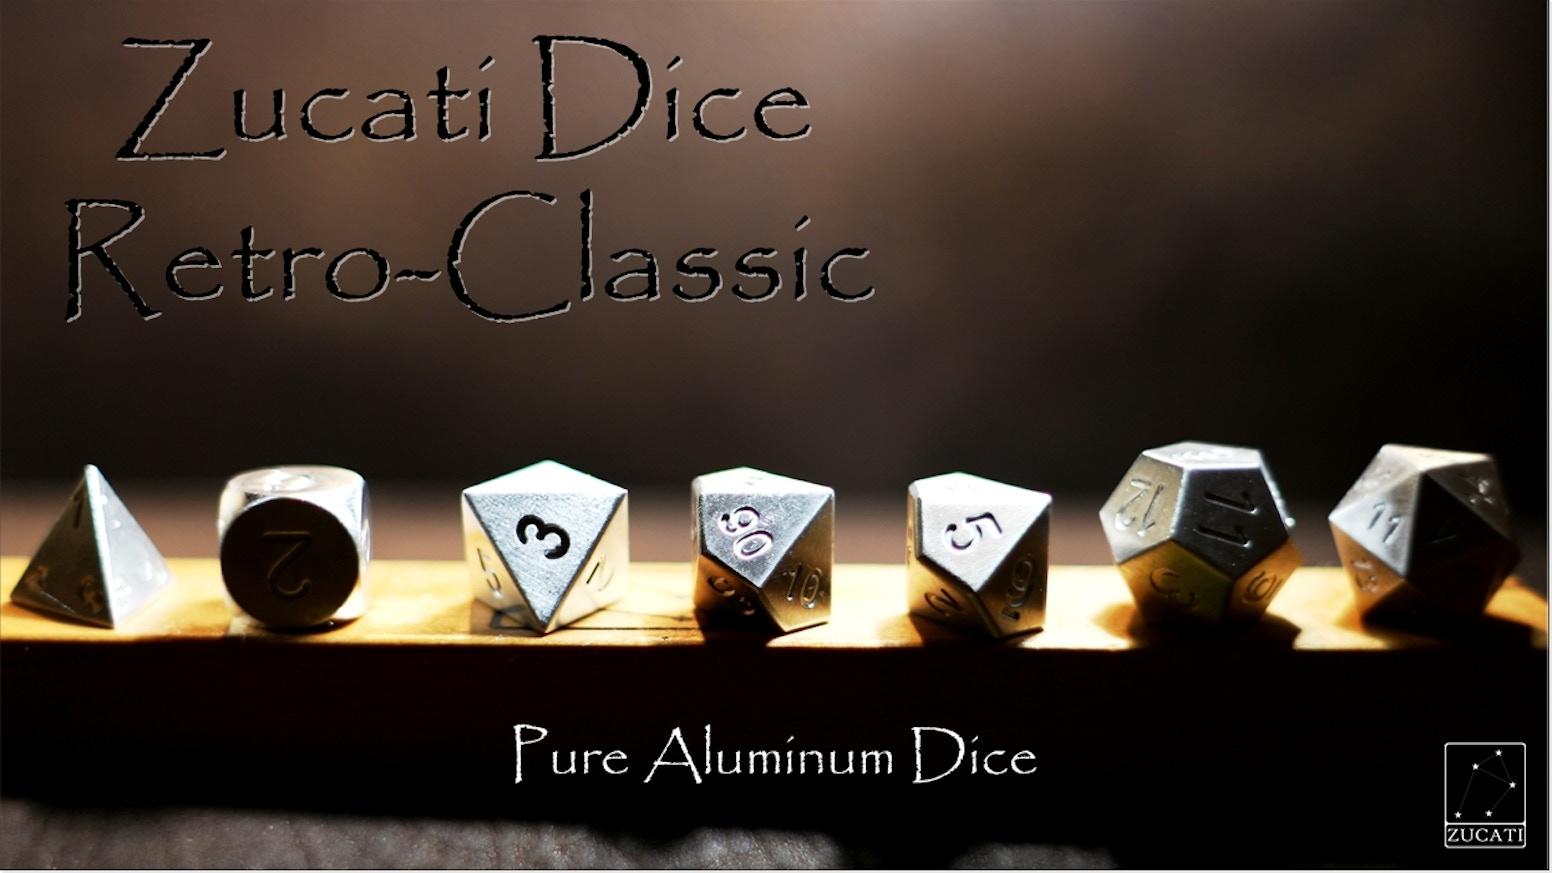 Aluminum, Copper, Brass, Bronze, Tungsten, Titanium, Magnesium, Zirconium, Stainless, Cast Iron, Meteorite, Exotic dice for everyone.